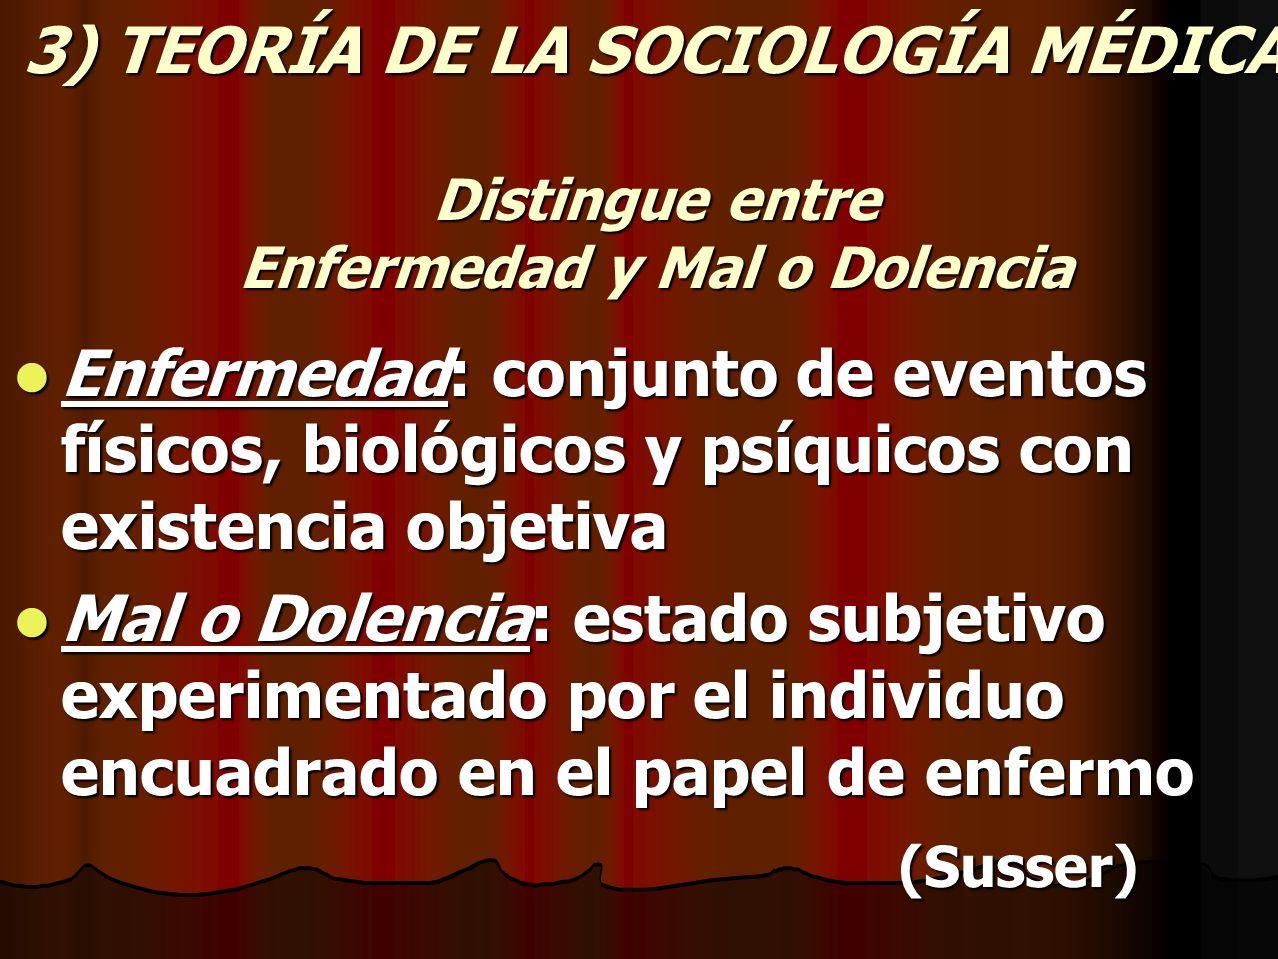 3) TEORÍA DE LA SOCIOLOGÍA MÉDICA Distingue entre Enfermedad y Mal o Dolencia